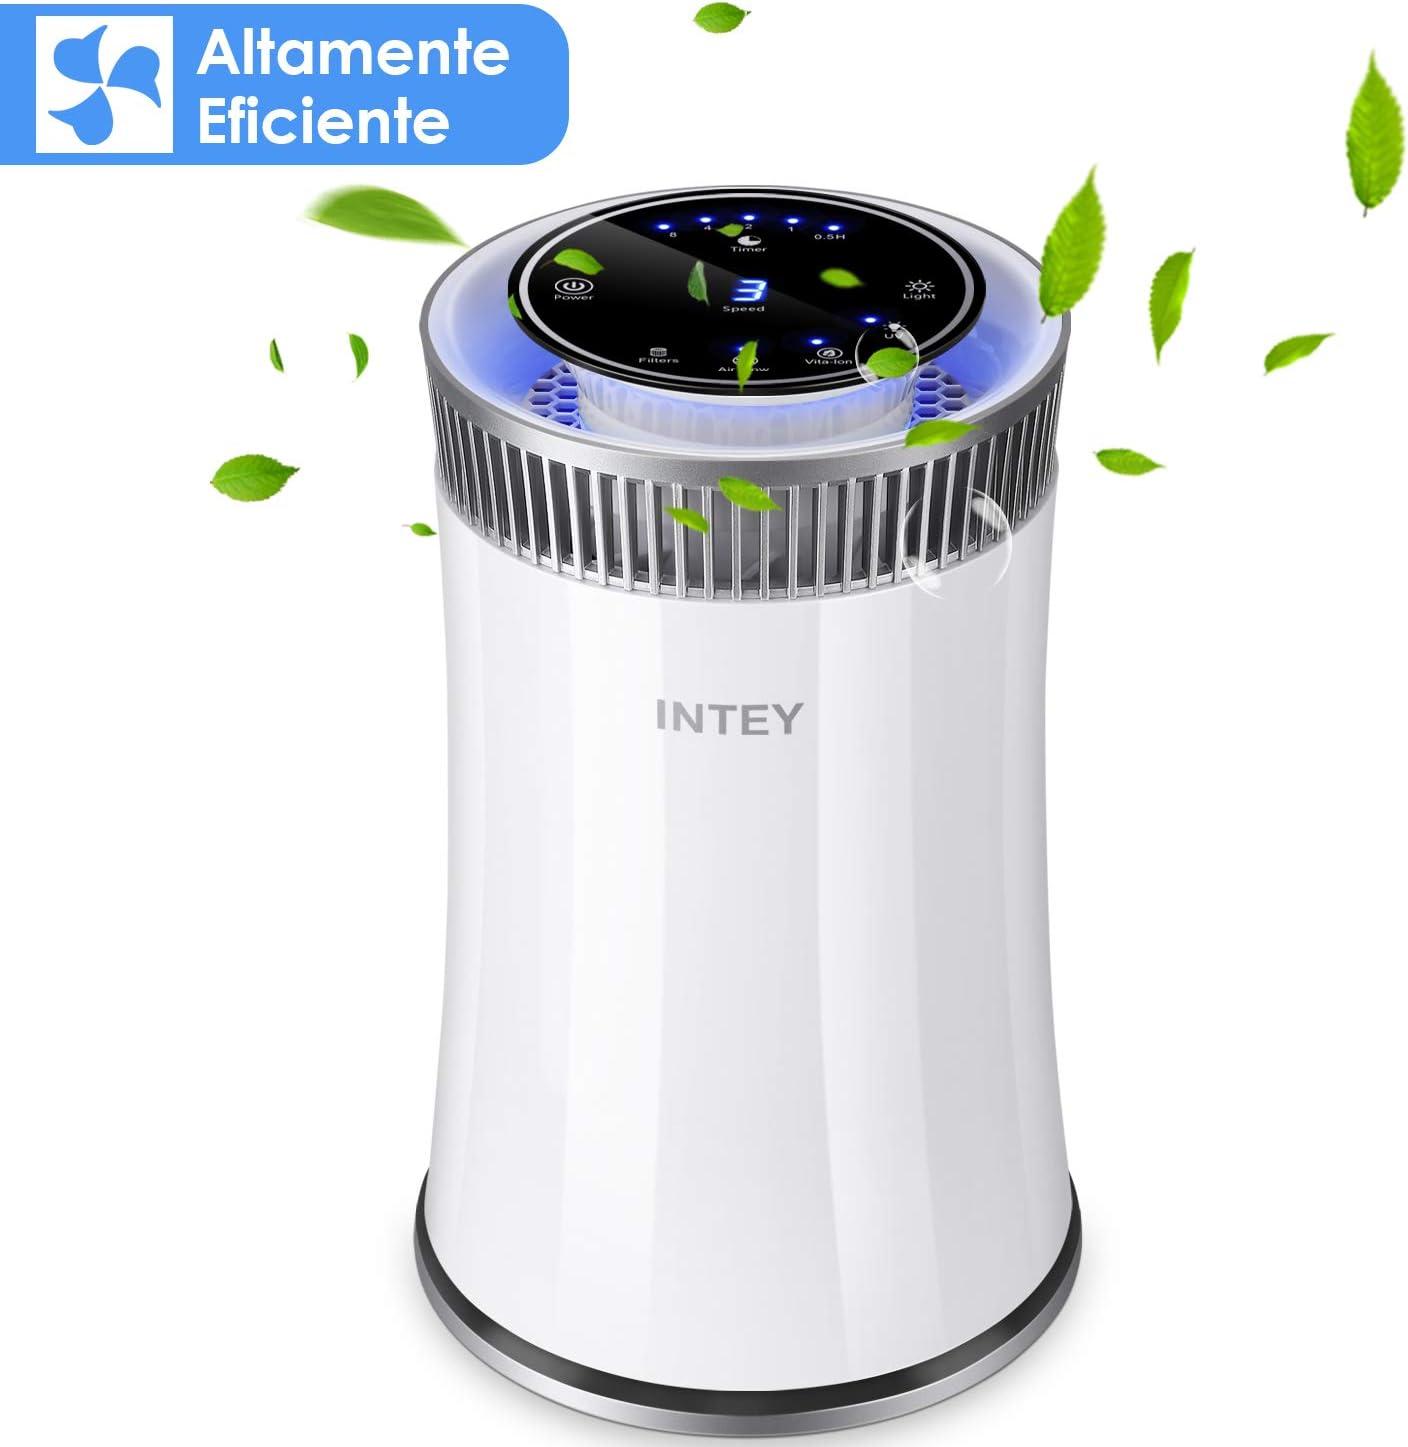 INTEY Purificador de Aire Eficiente,Filtro HEPA-99.97% Efectos de ...